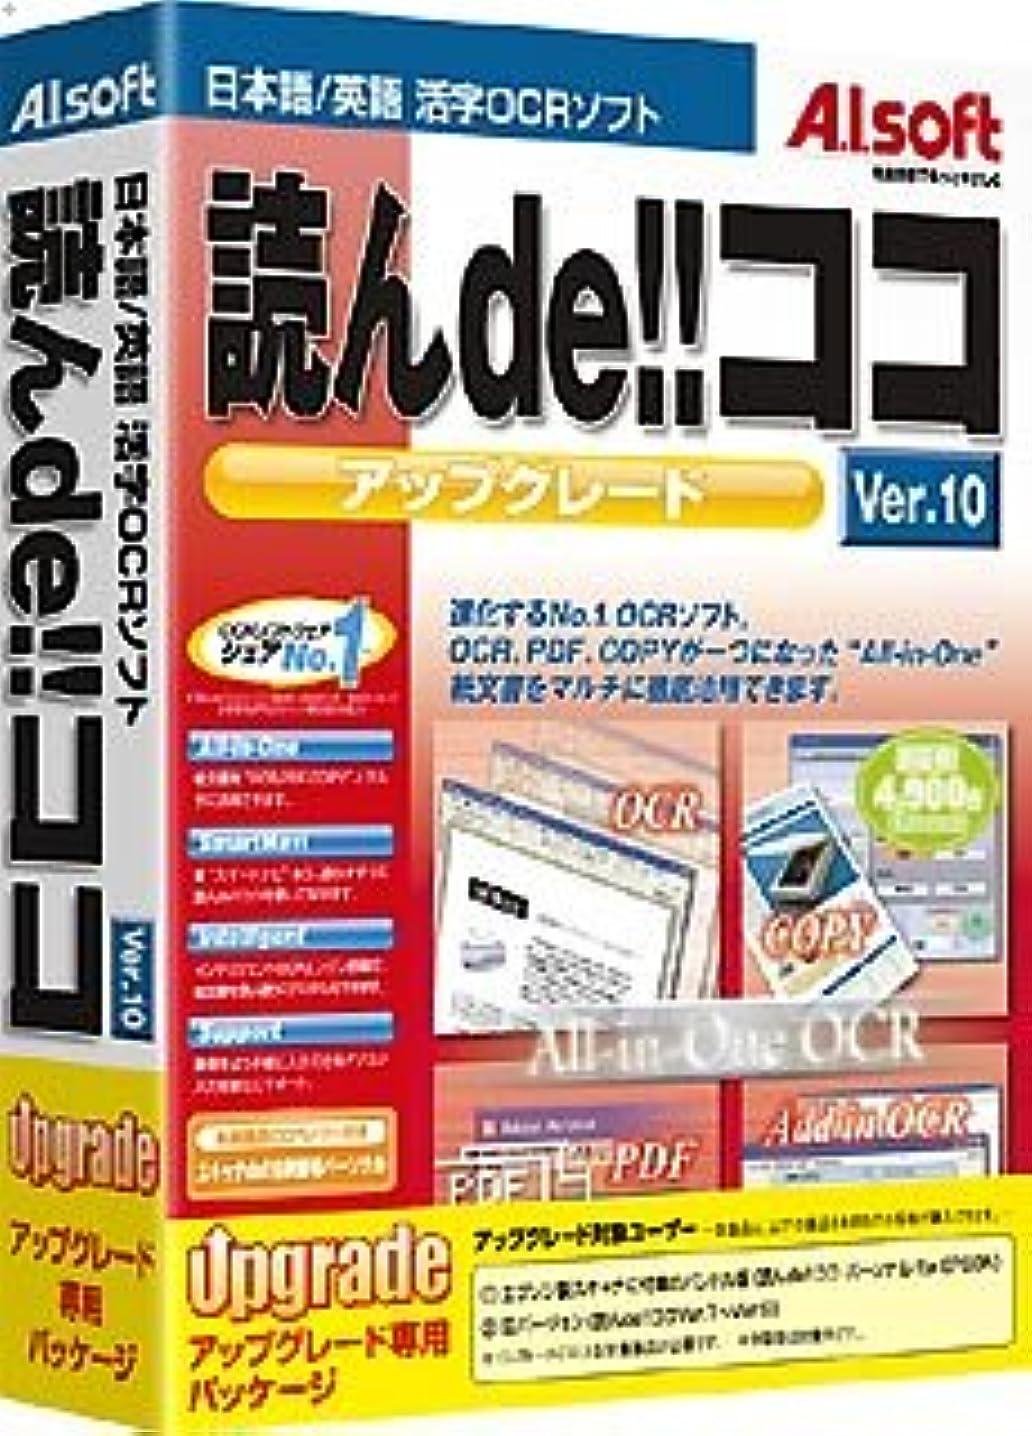 ストレージストリームストローク読んde!!ココ Ver.10 アップグレード版